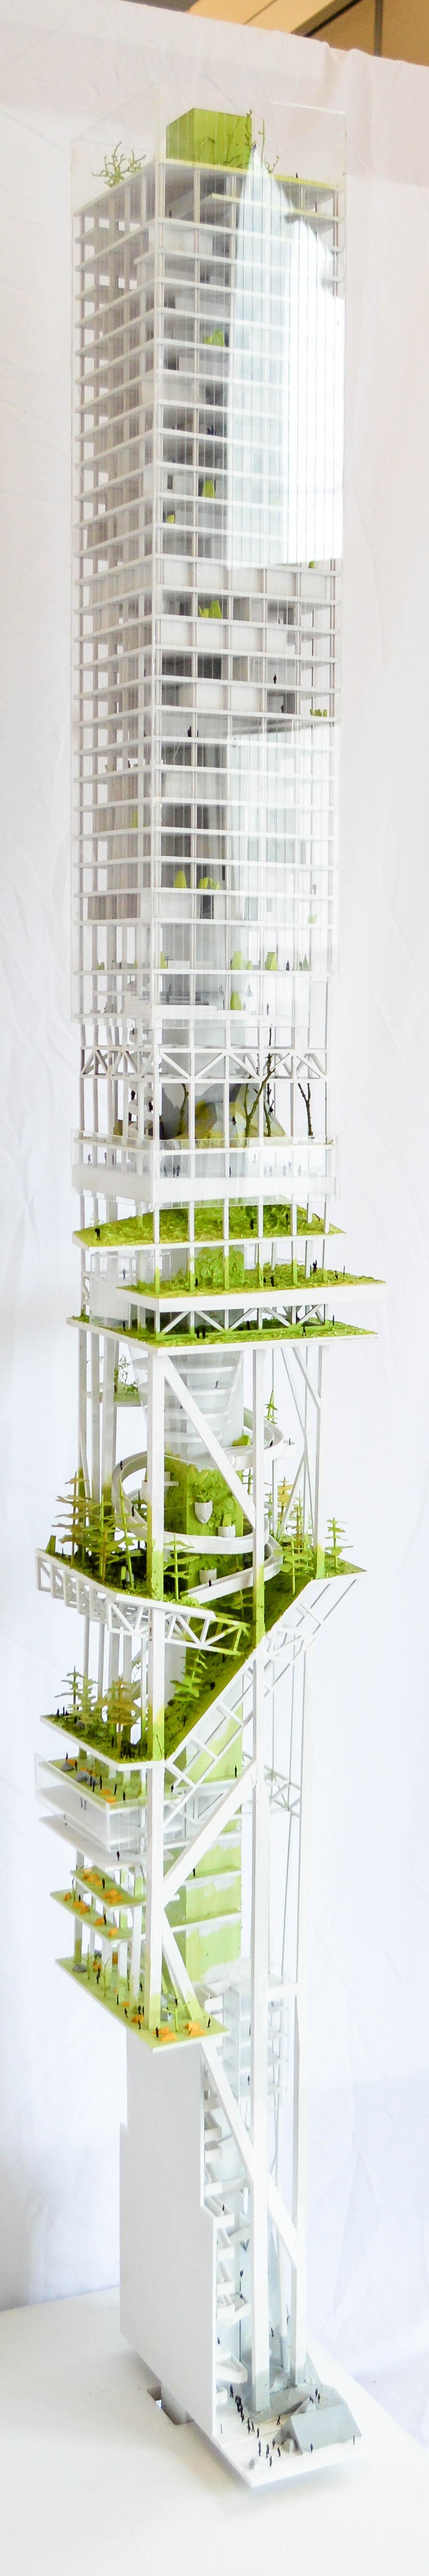 verticaltower-4.jpg